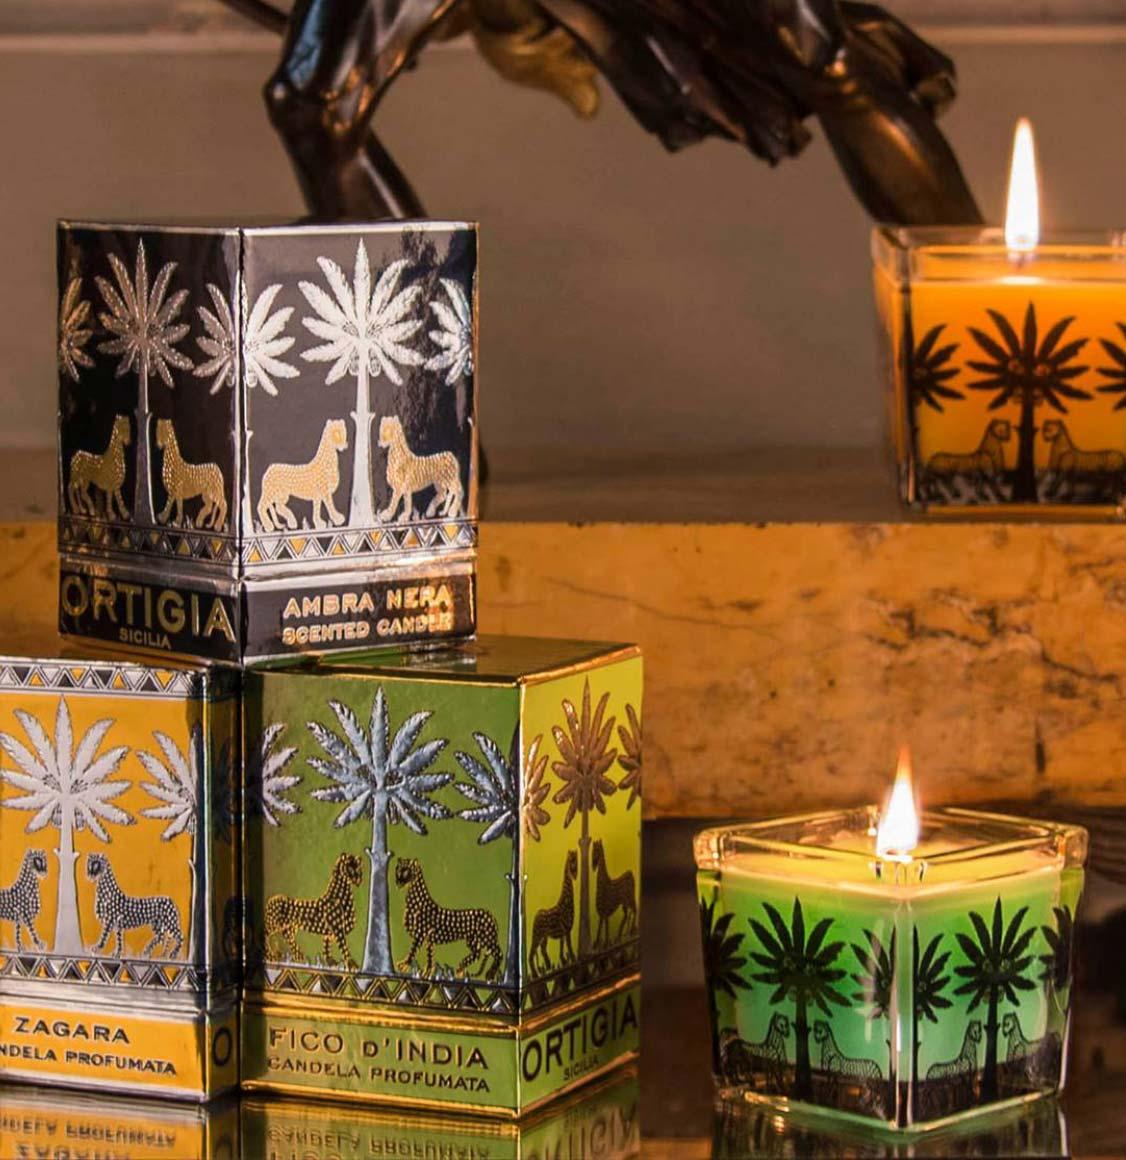 Ortigia Sicilia Fico D' India Candle 170g